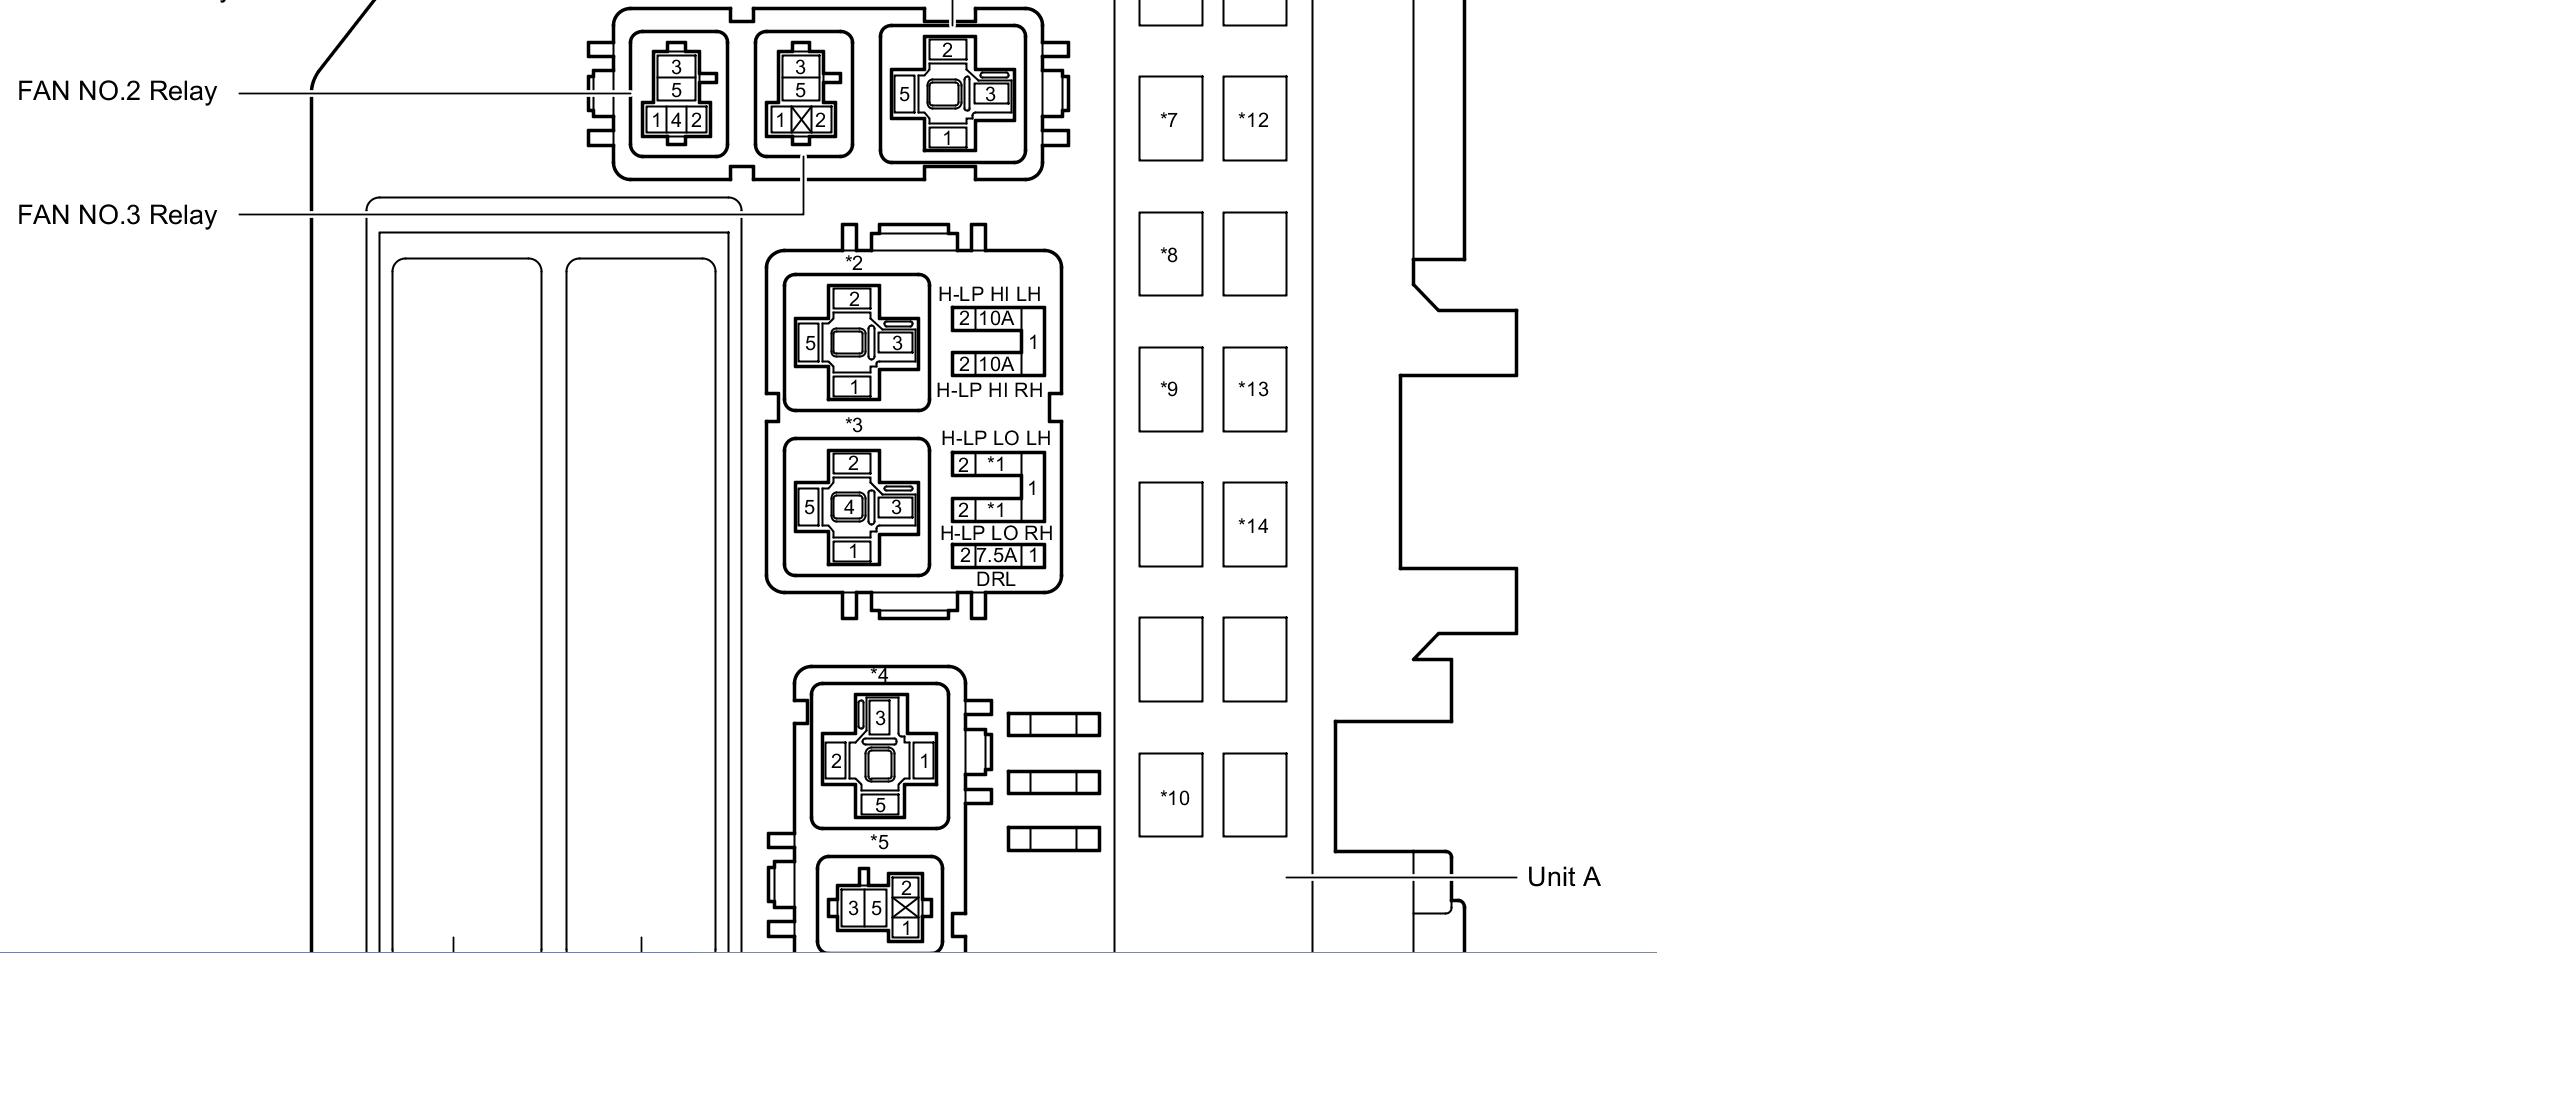 2007 prius fuse box diagram